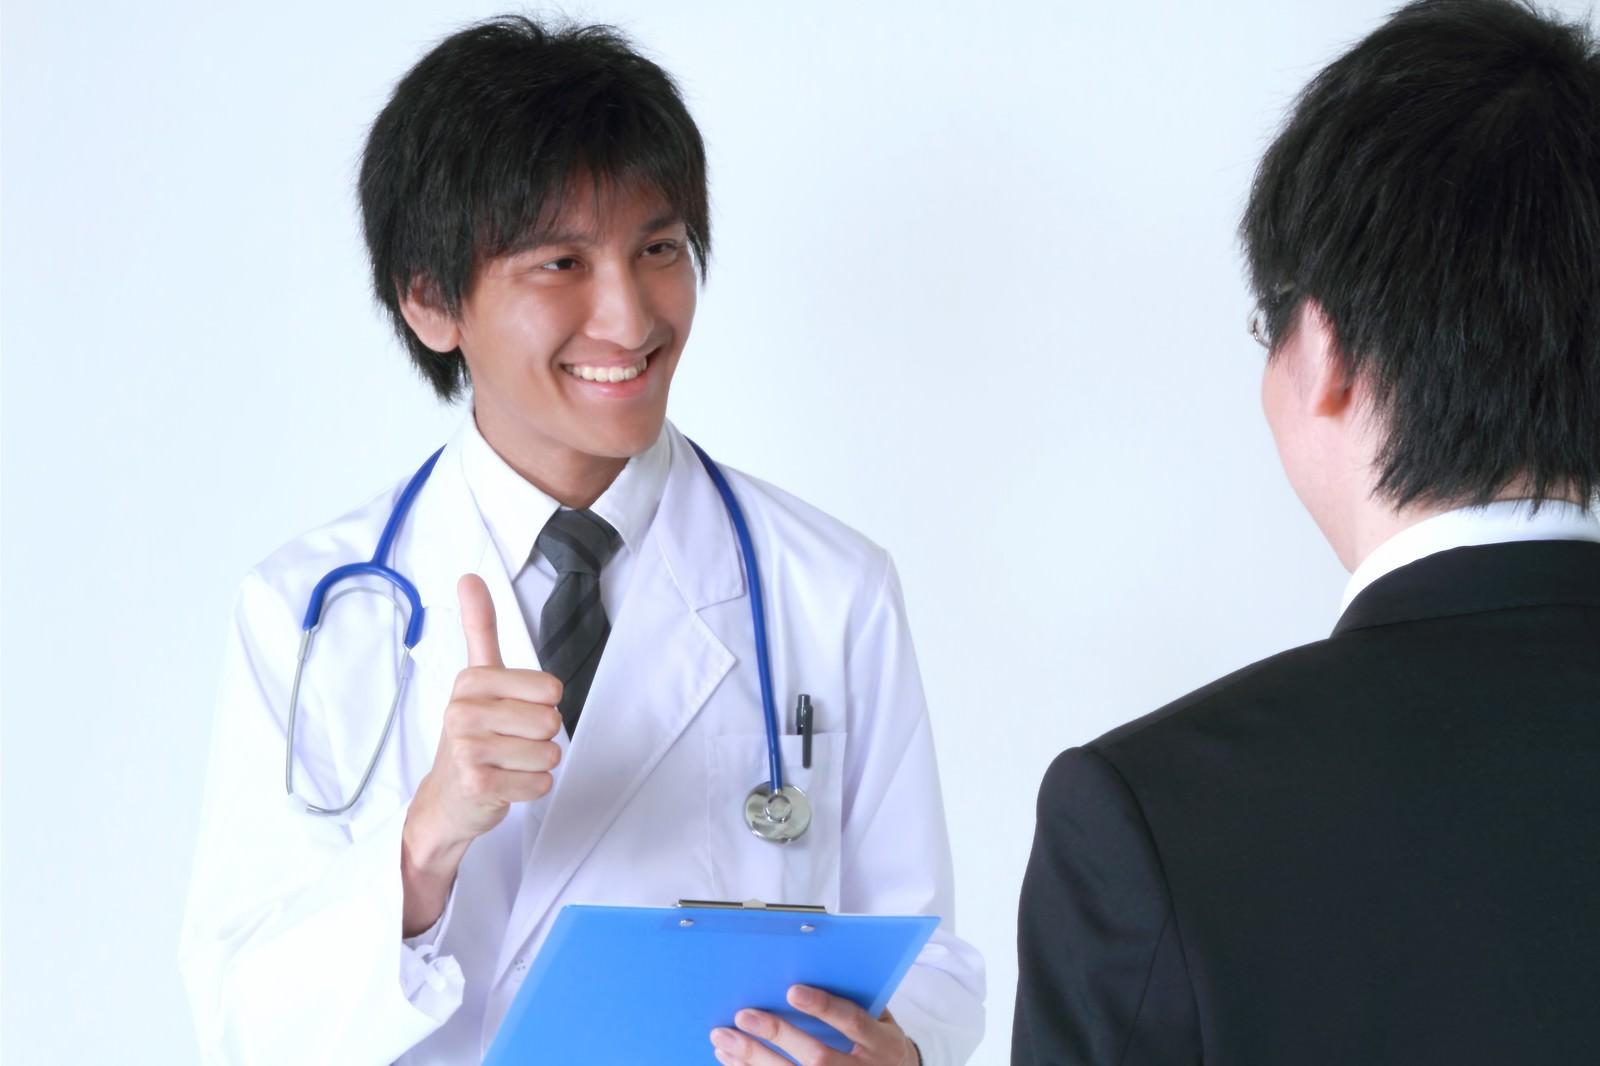 「サラリーマンに笑顔で診断結果を話す医者」の写真[モデル:ACE]